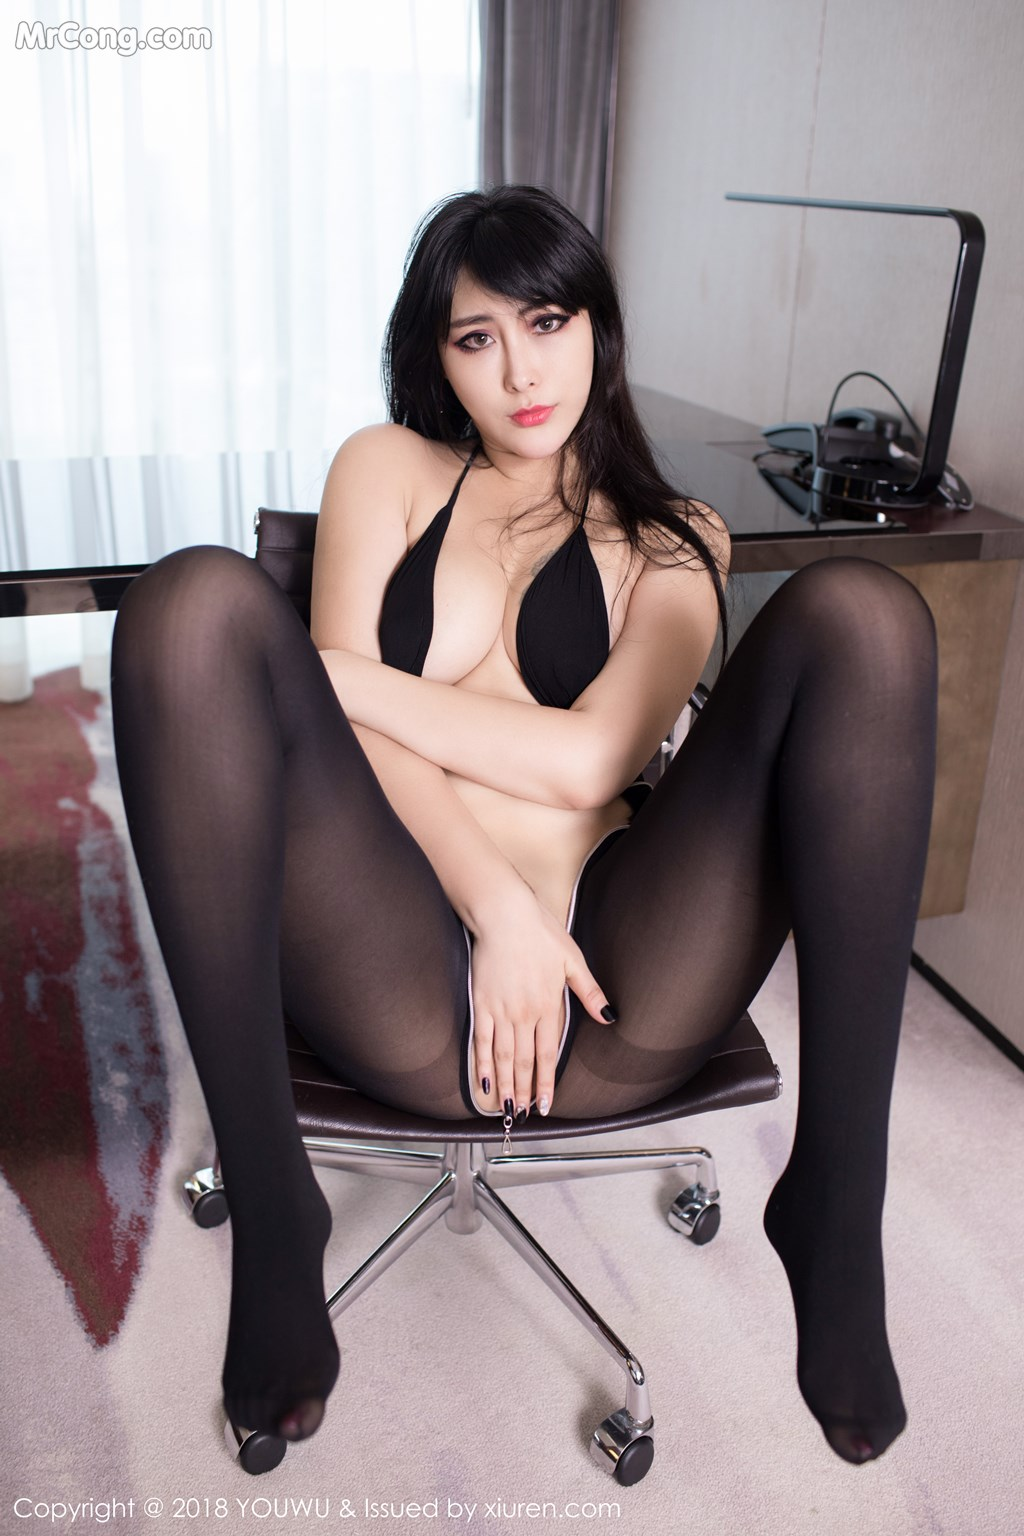 Image YouWu-Vol.113-FoxYini-MrCong.com-008 in post YouWu Vol.113: Người mẫu FoxYini (孟狐狸) (43 ảnh)